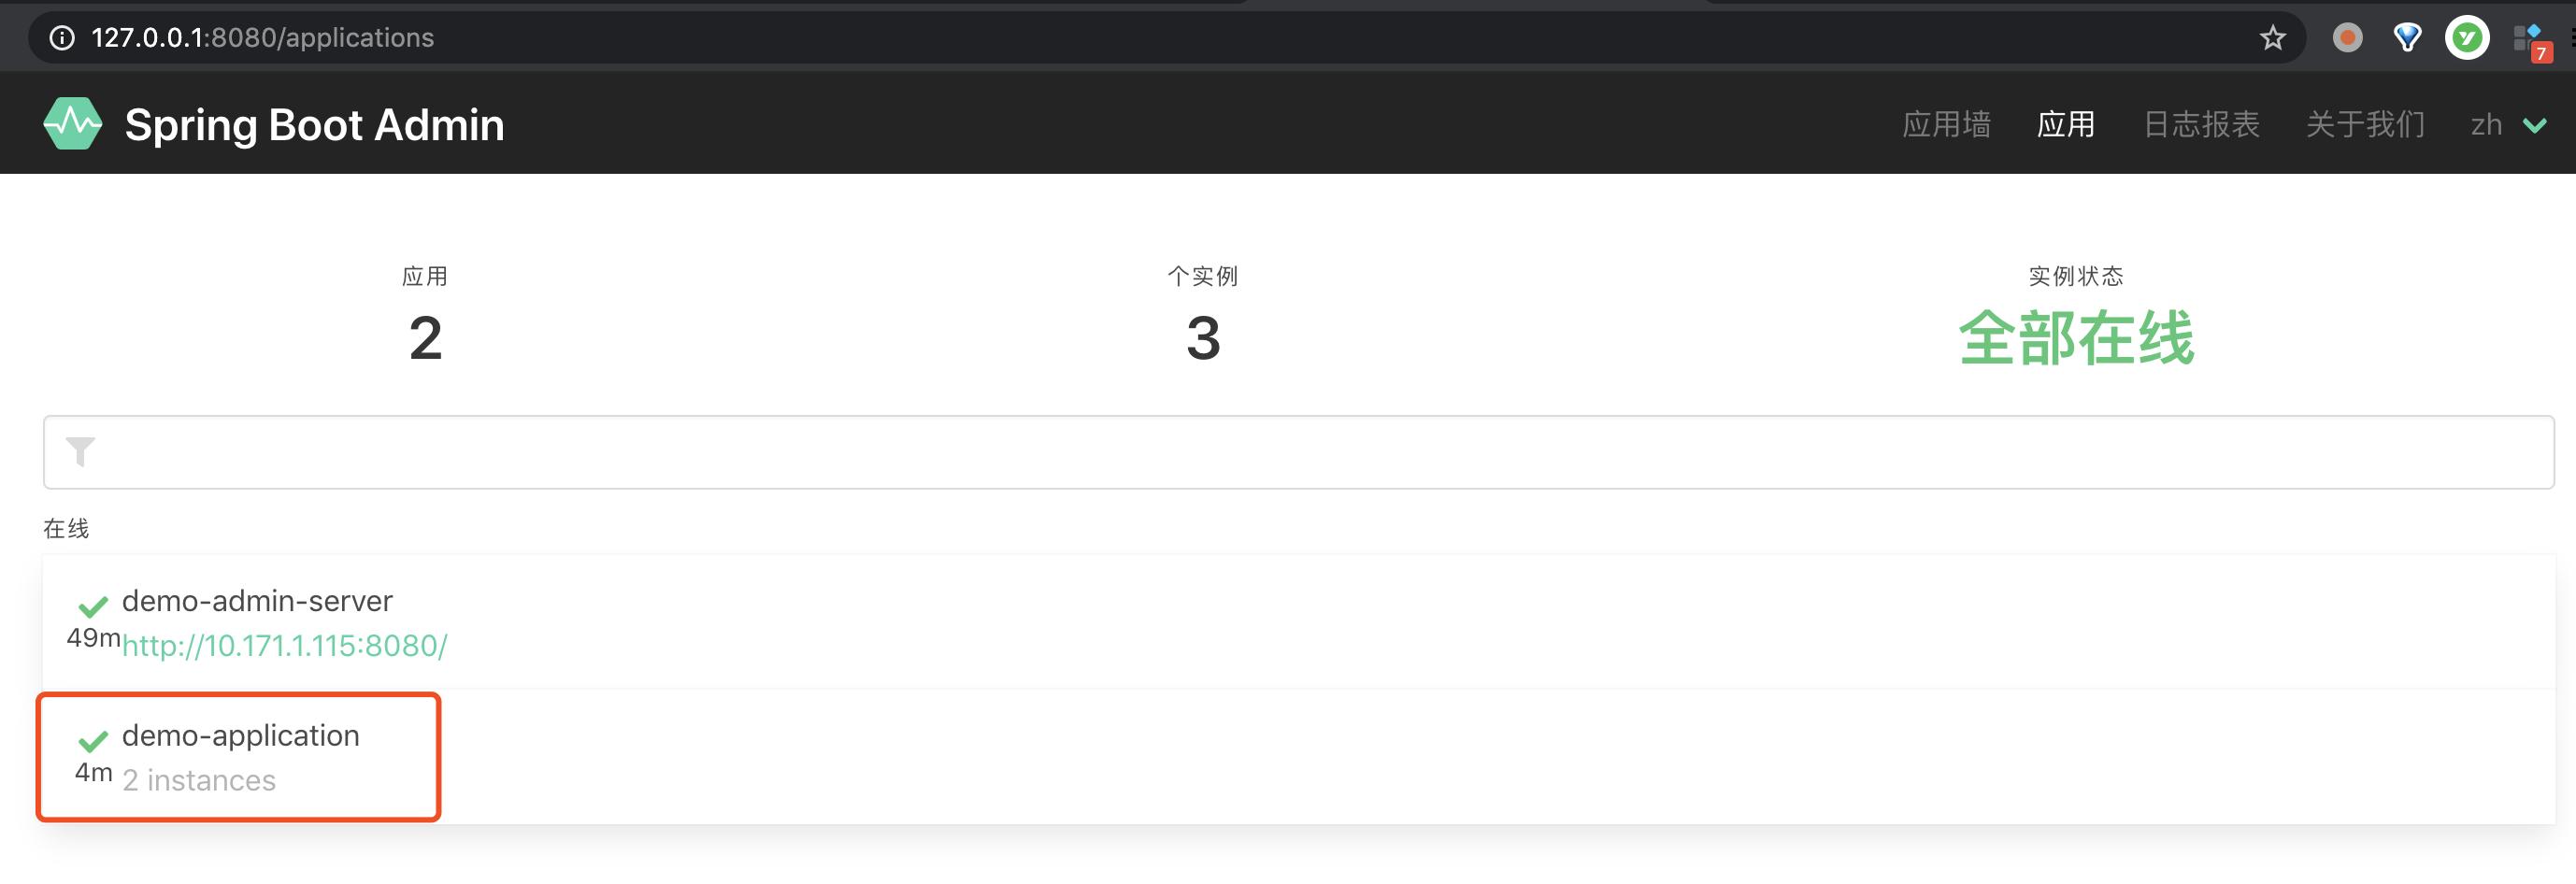 Spring Boot Admin Server UI